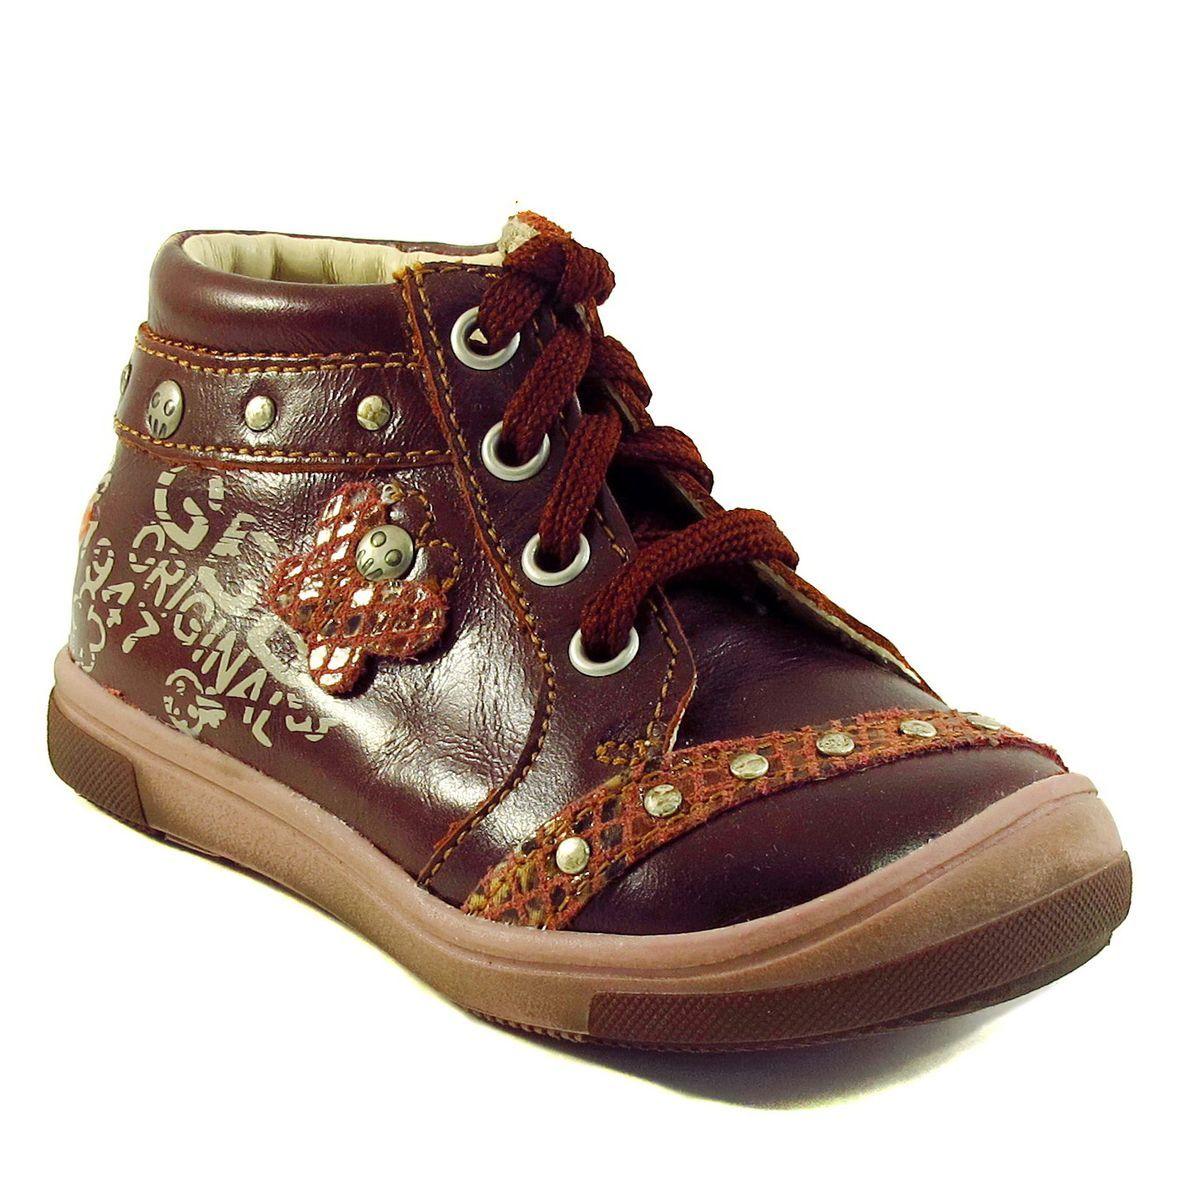 GBB DANIELA - Disponible au magasin spécialiste de la chaussure enfant - La Bande à Lazare cc Grand'Place - Grenoble